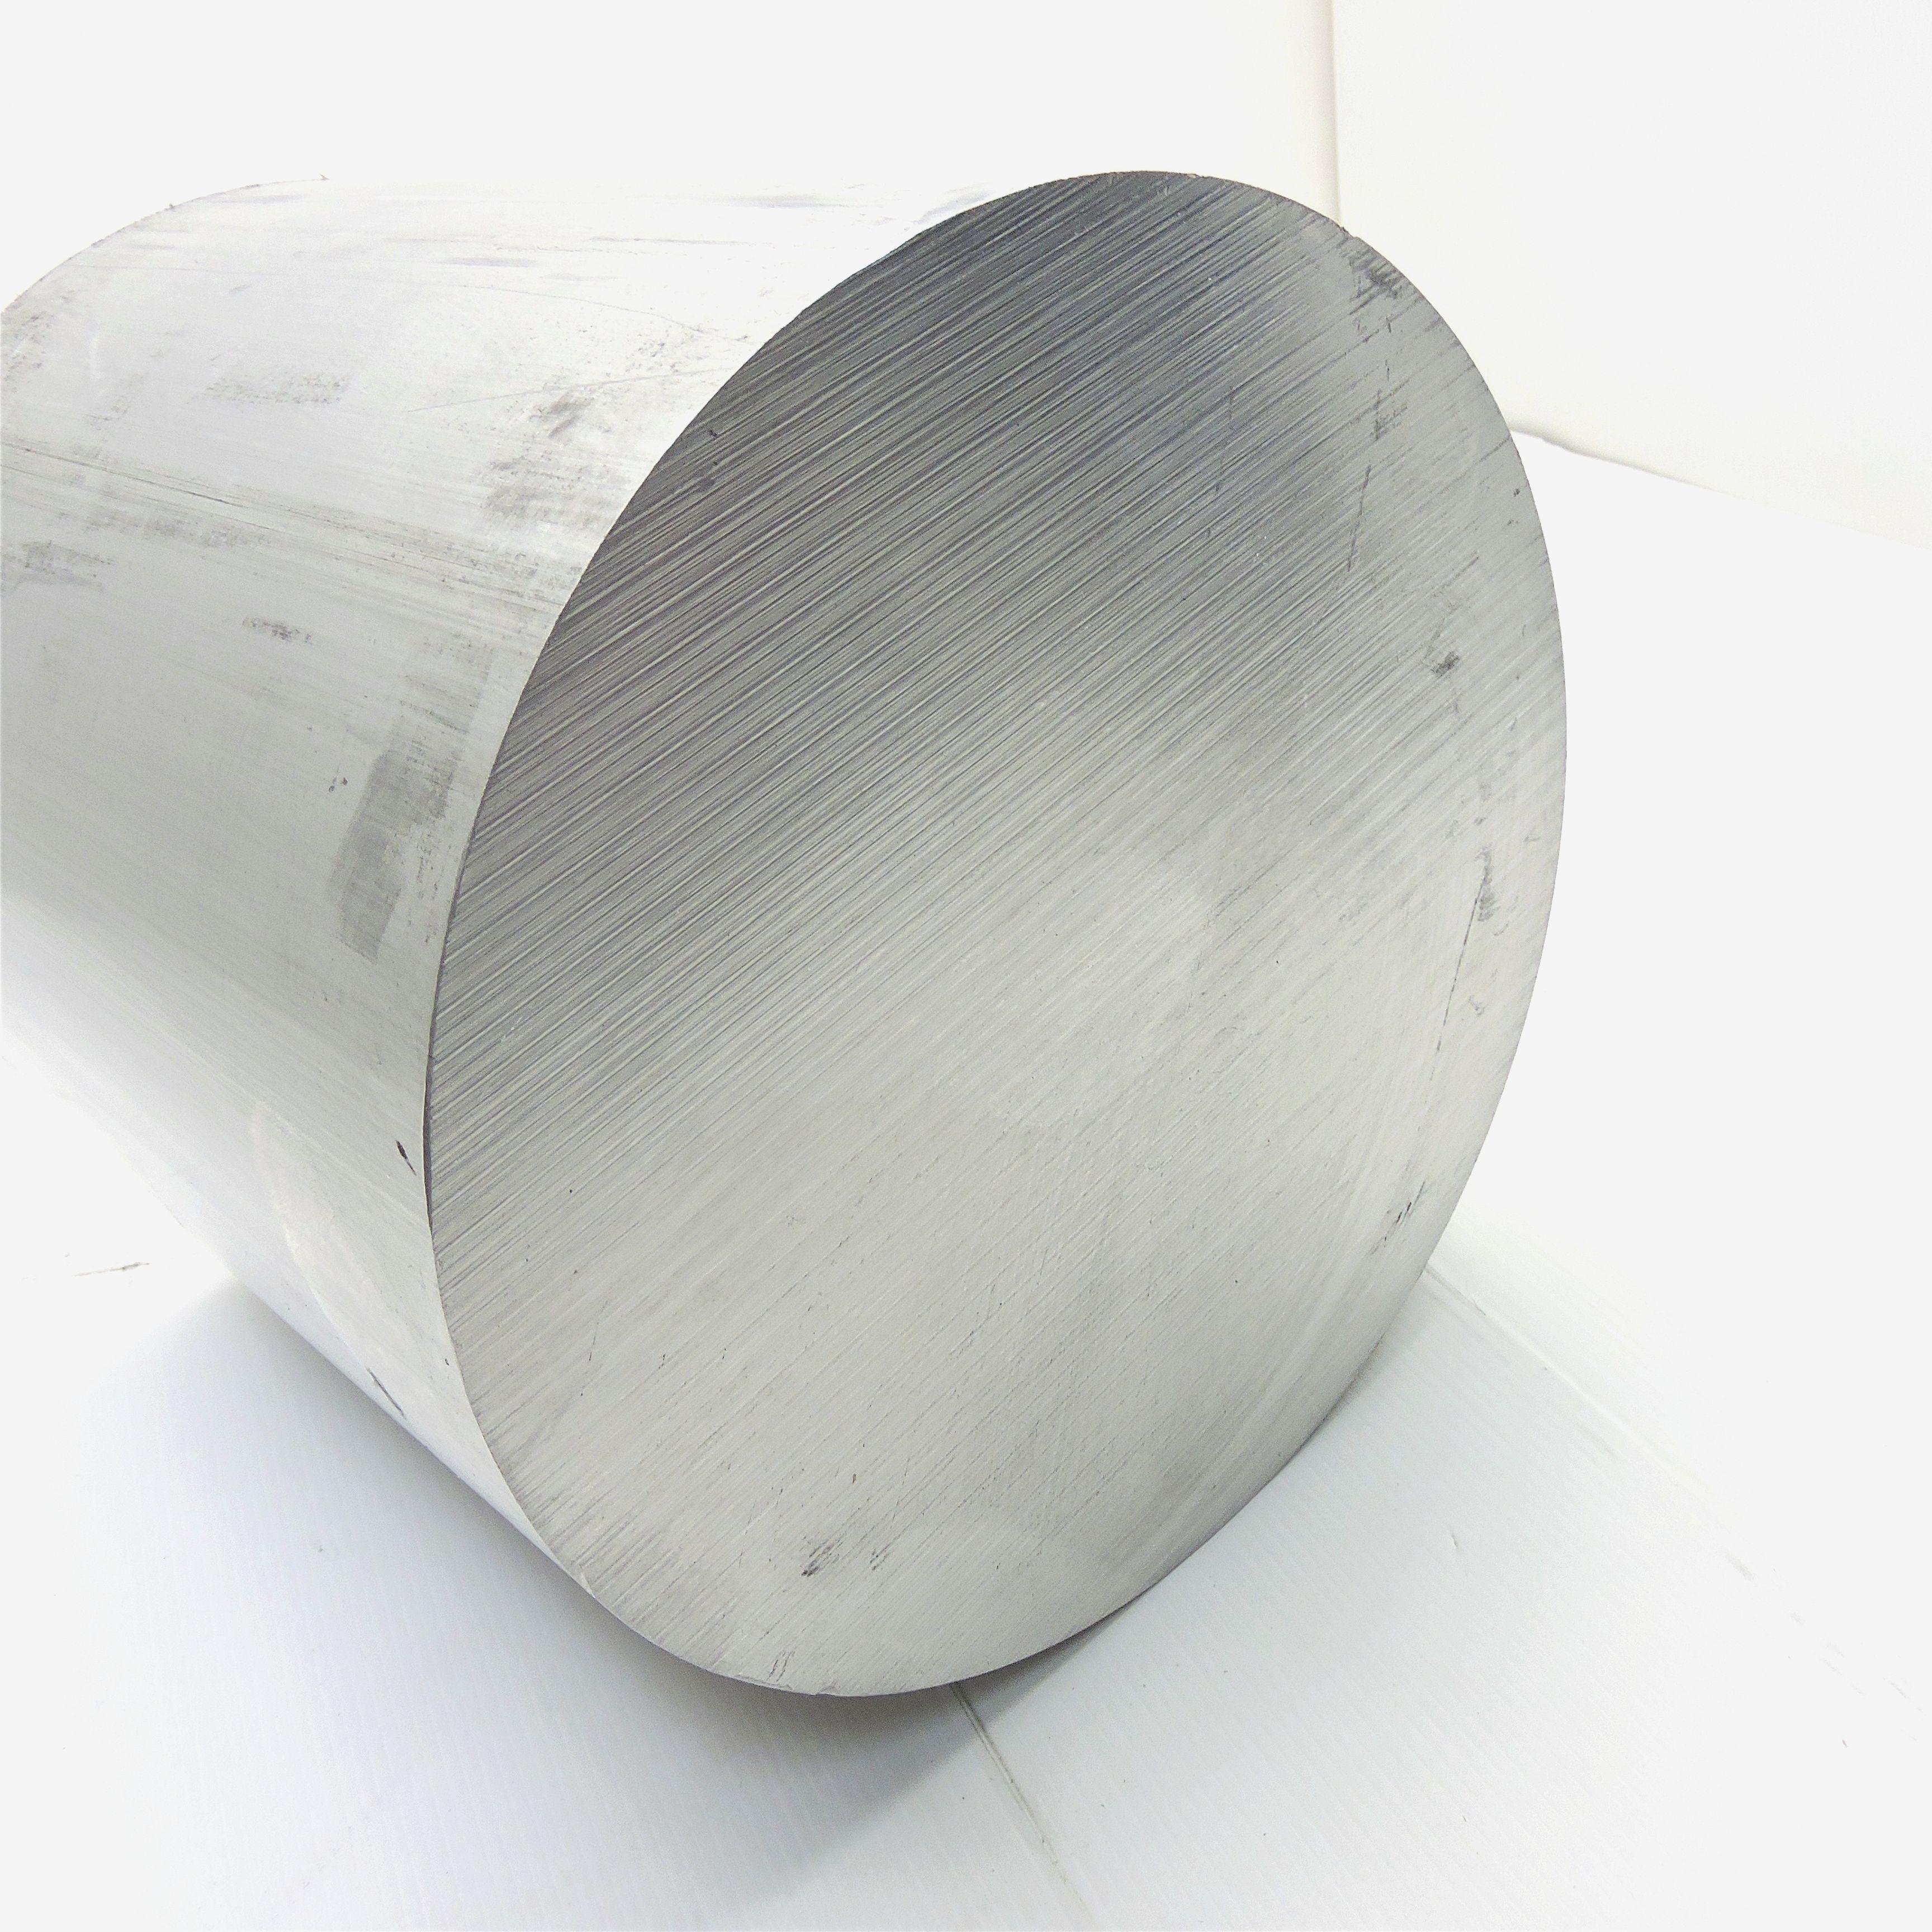 Raw Materials 9 5 diameter 6061 Solid Aluminum ROUND Bar 10